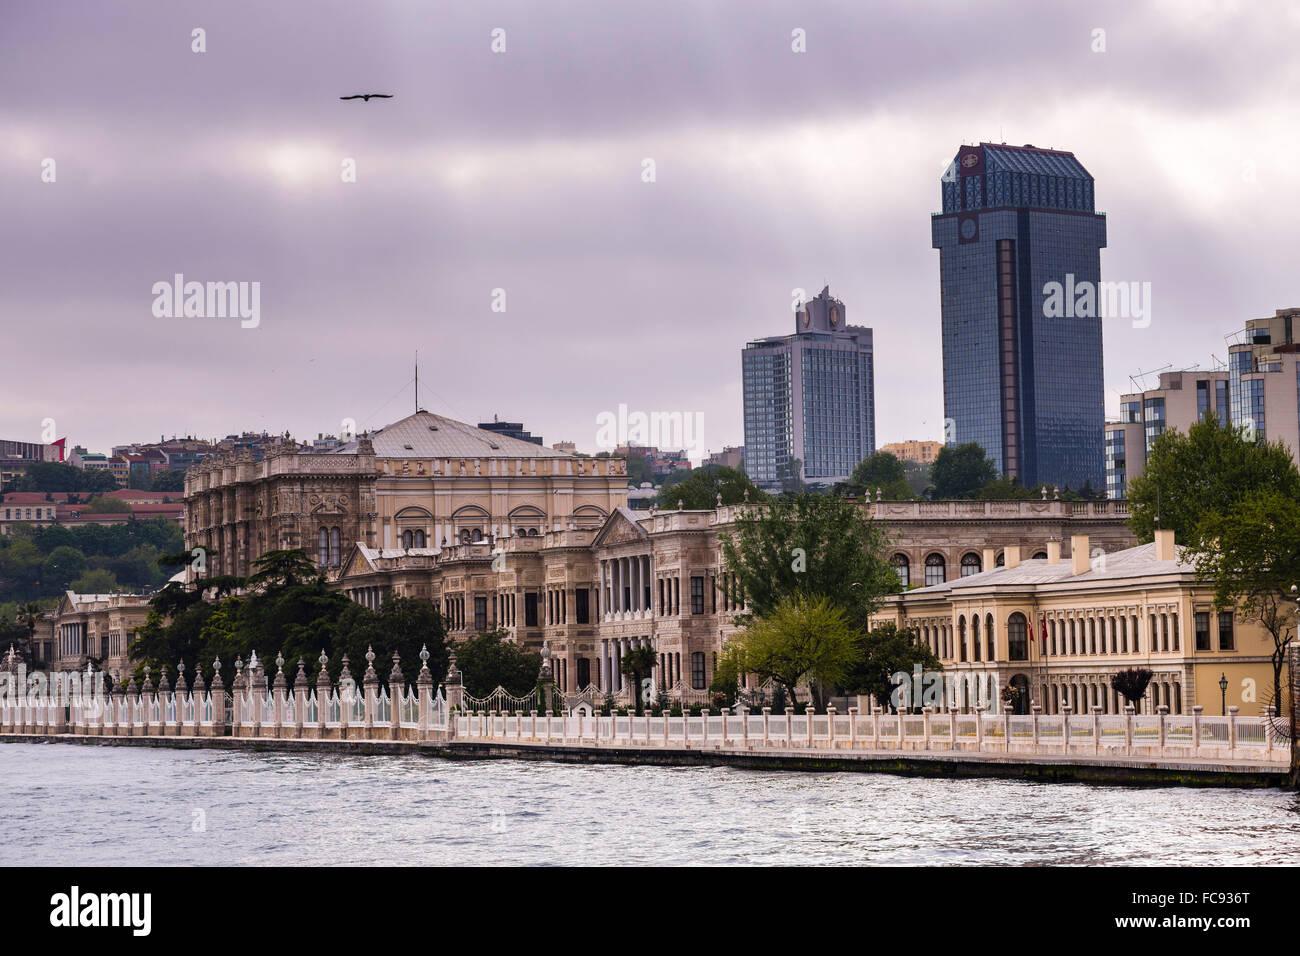 El palacio de Beylerbeyi, Estambul, Turquía, Europa Imagen De Stock